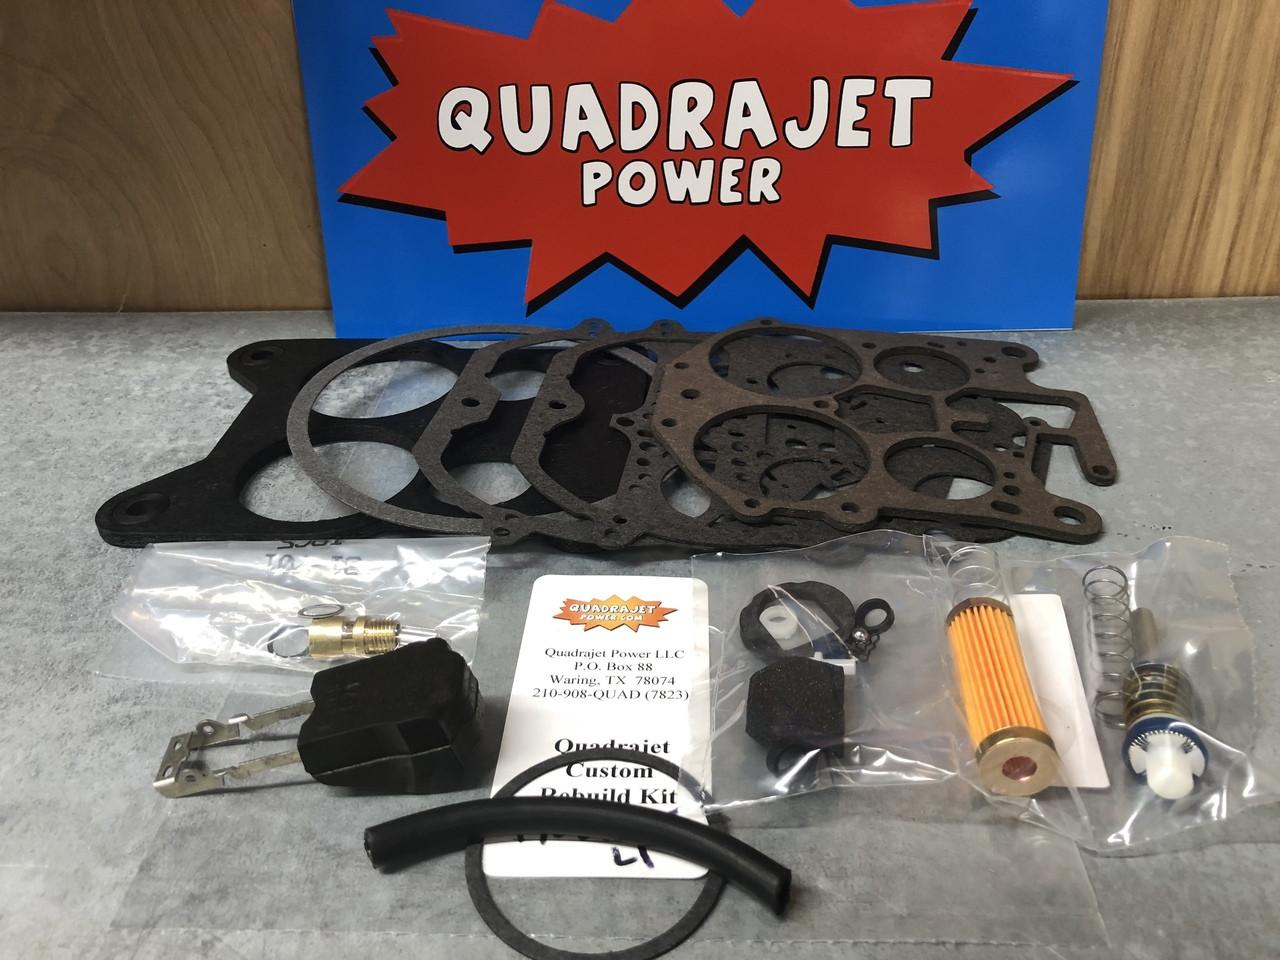 QB1 Quick EZ kit